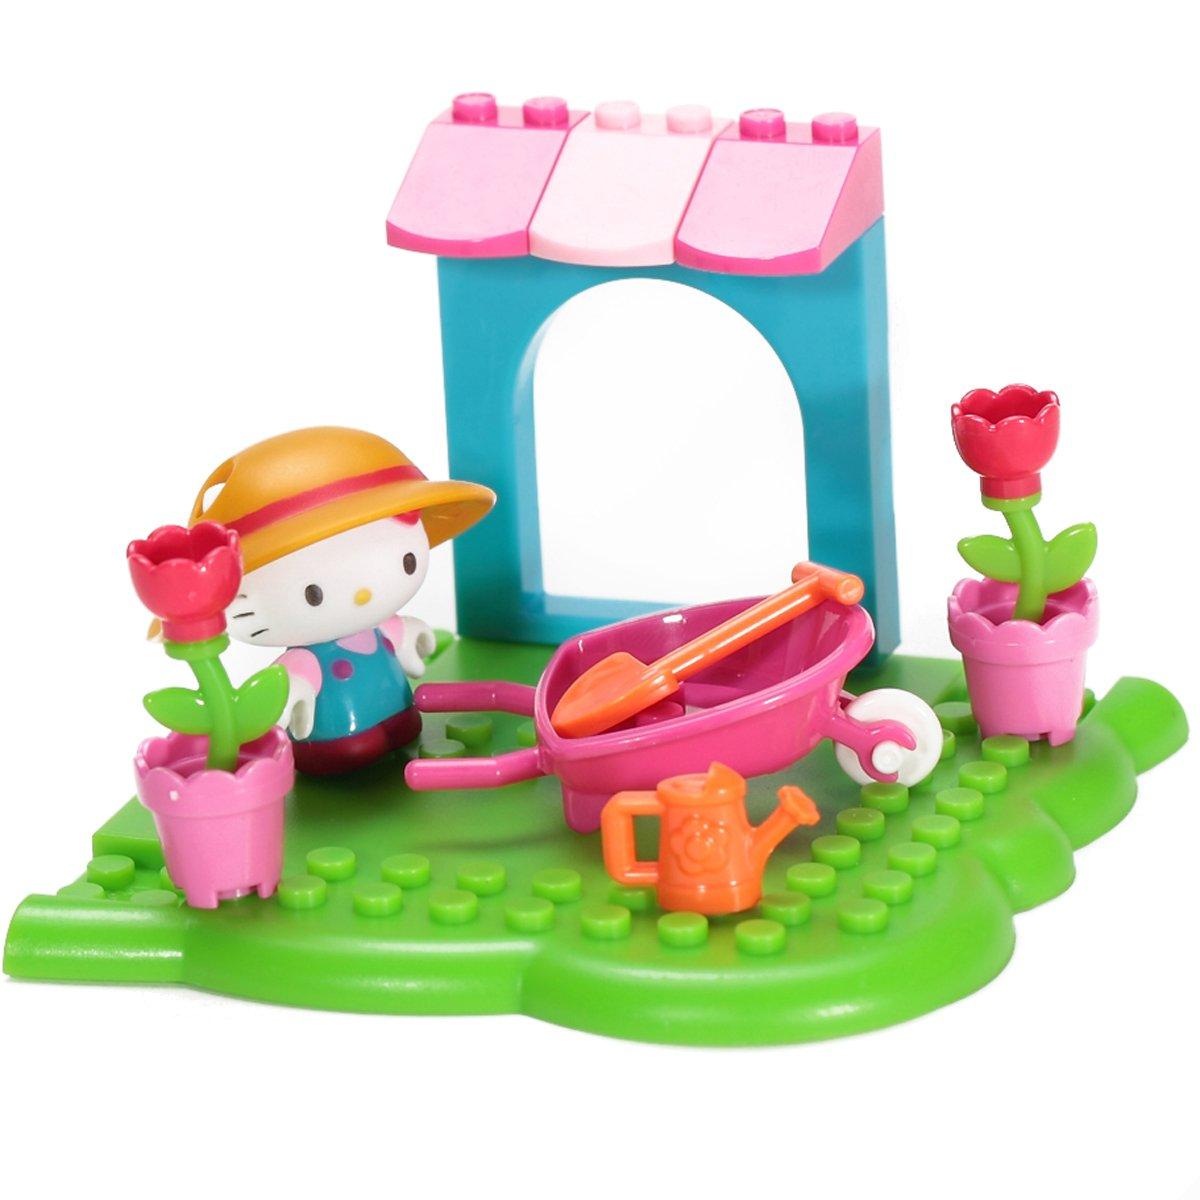 Mega Bloks Hello Kitty Flower Garden - 16 pieces B007JW4D3C Bau- & Konstruktionsspielzeug König der Quantität   Sofortige Lieferung